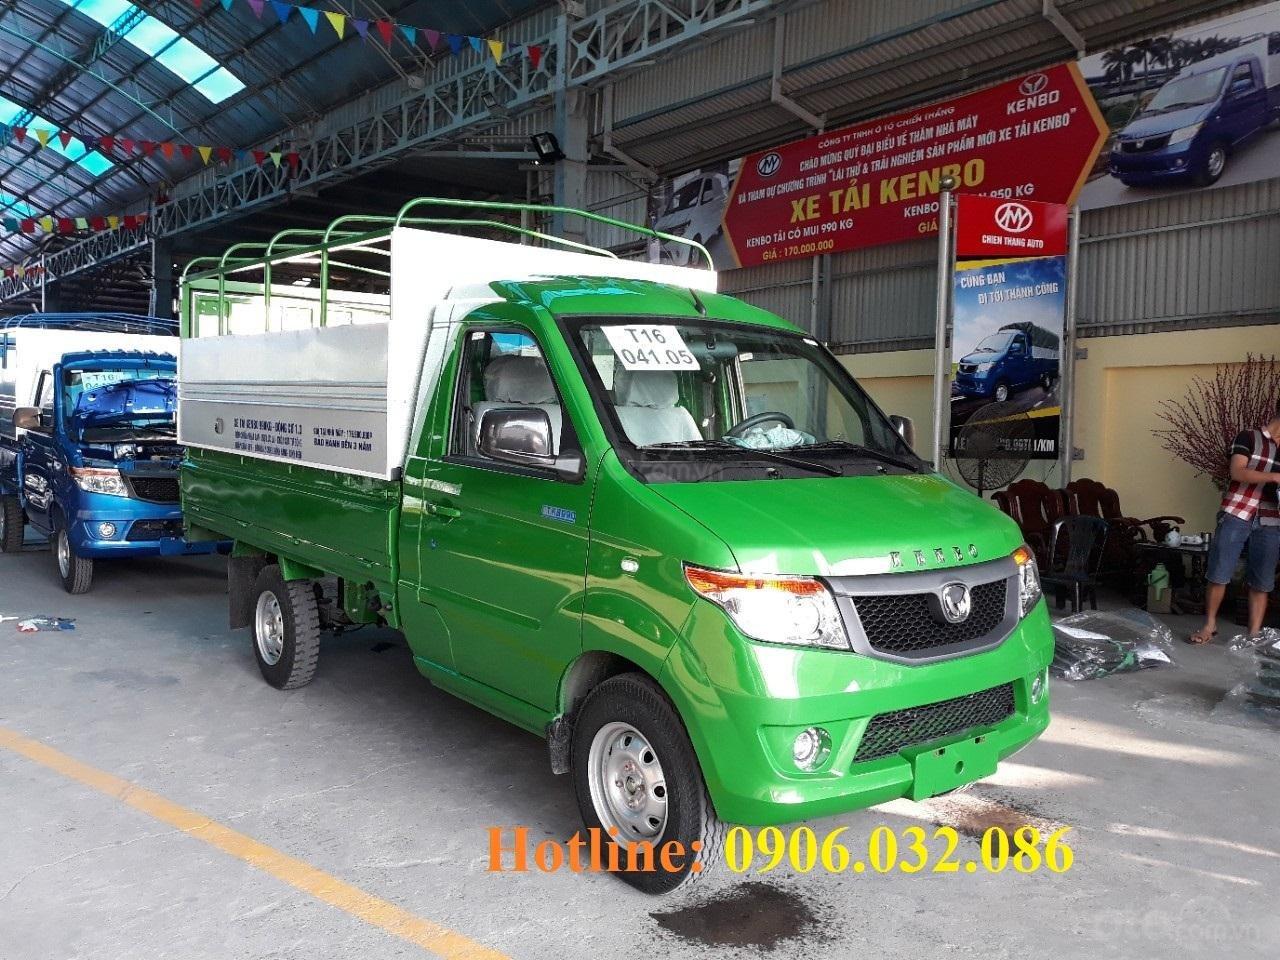 Bán xe tải Kenbo mui bạt tại Thái Bình (1)